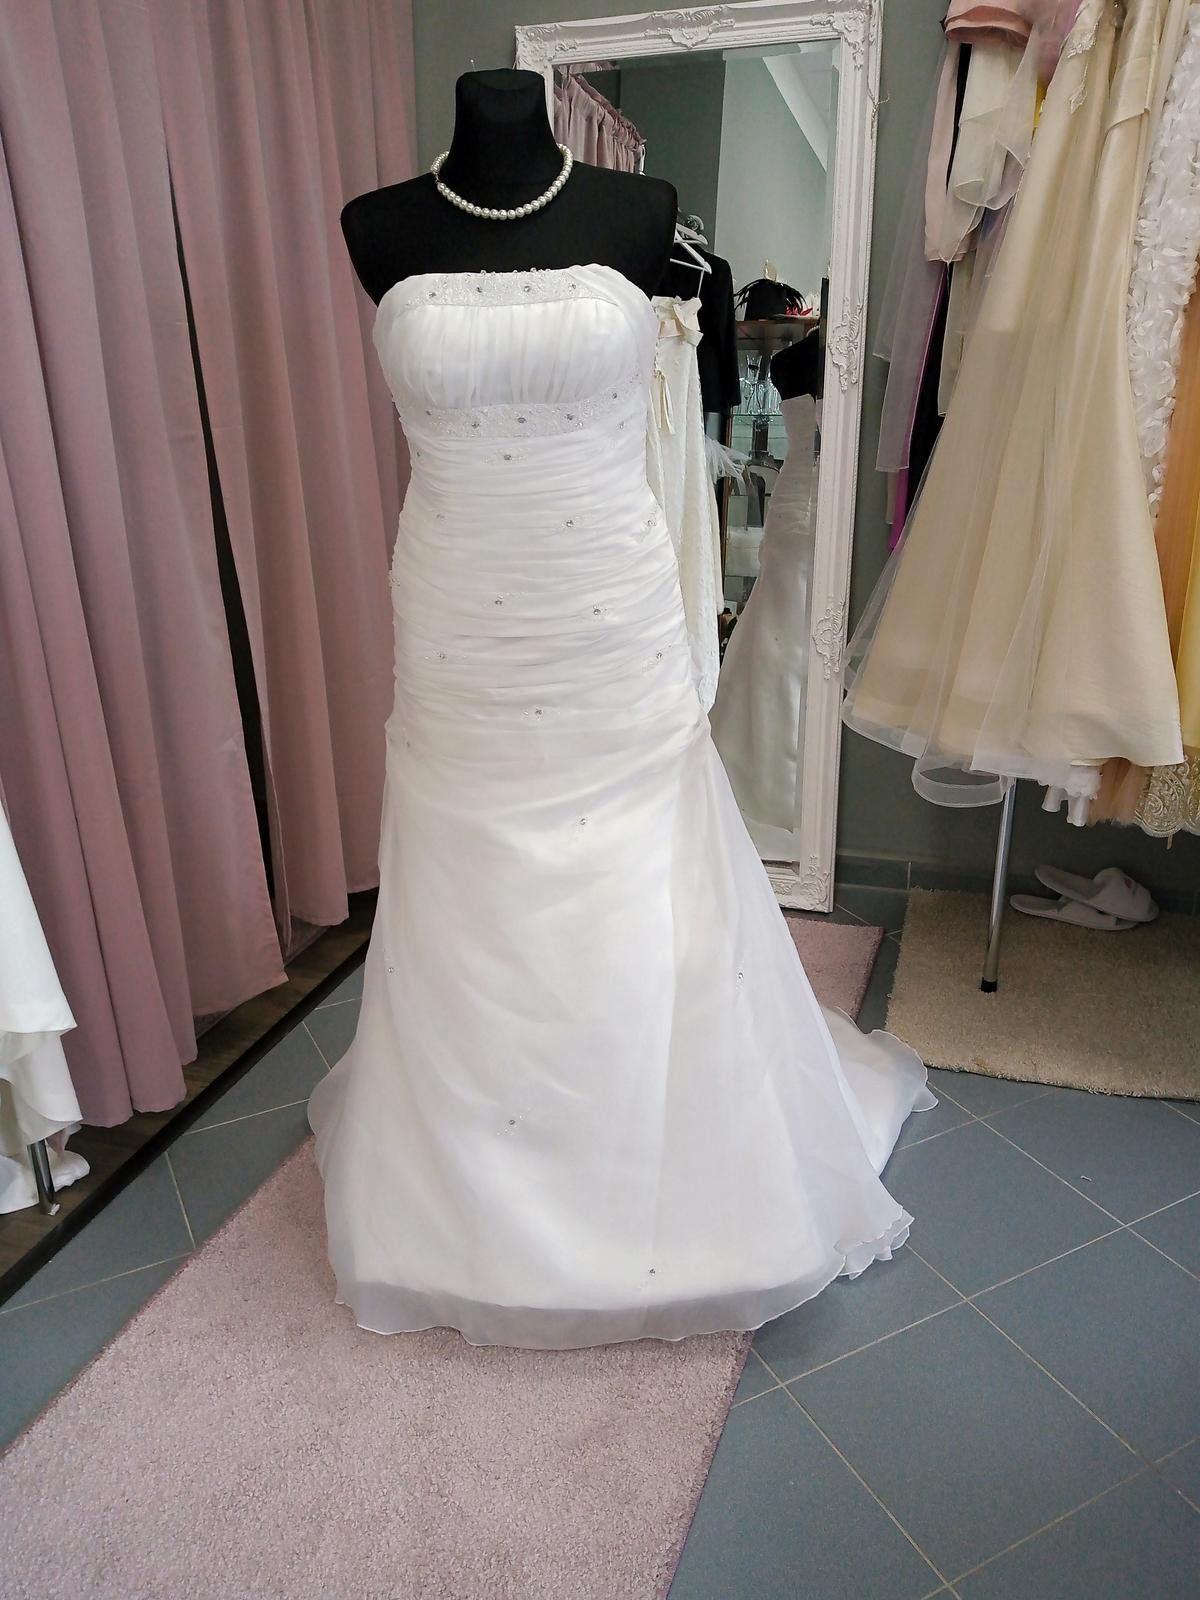 Biele svadobné šaty - Obrázok č. 1